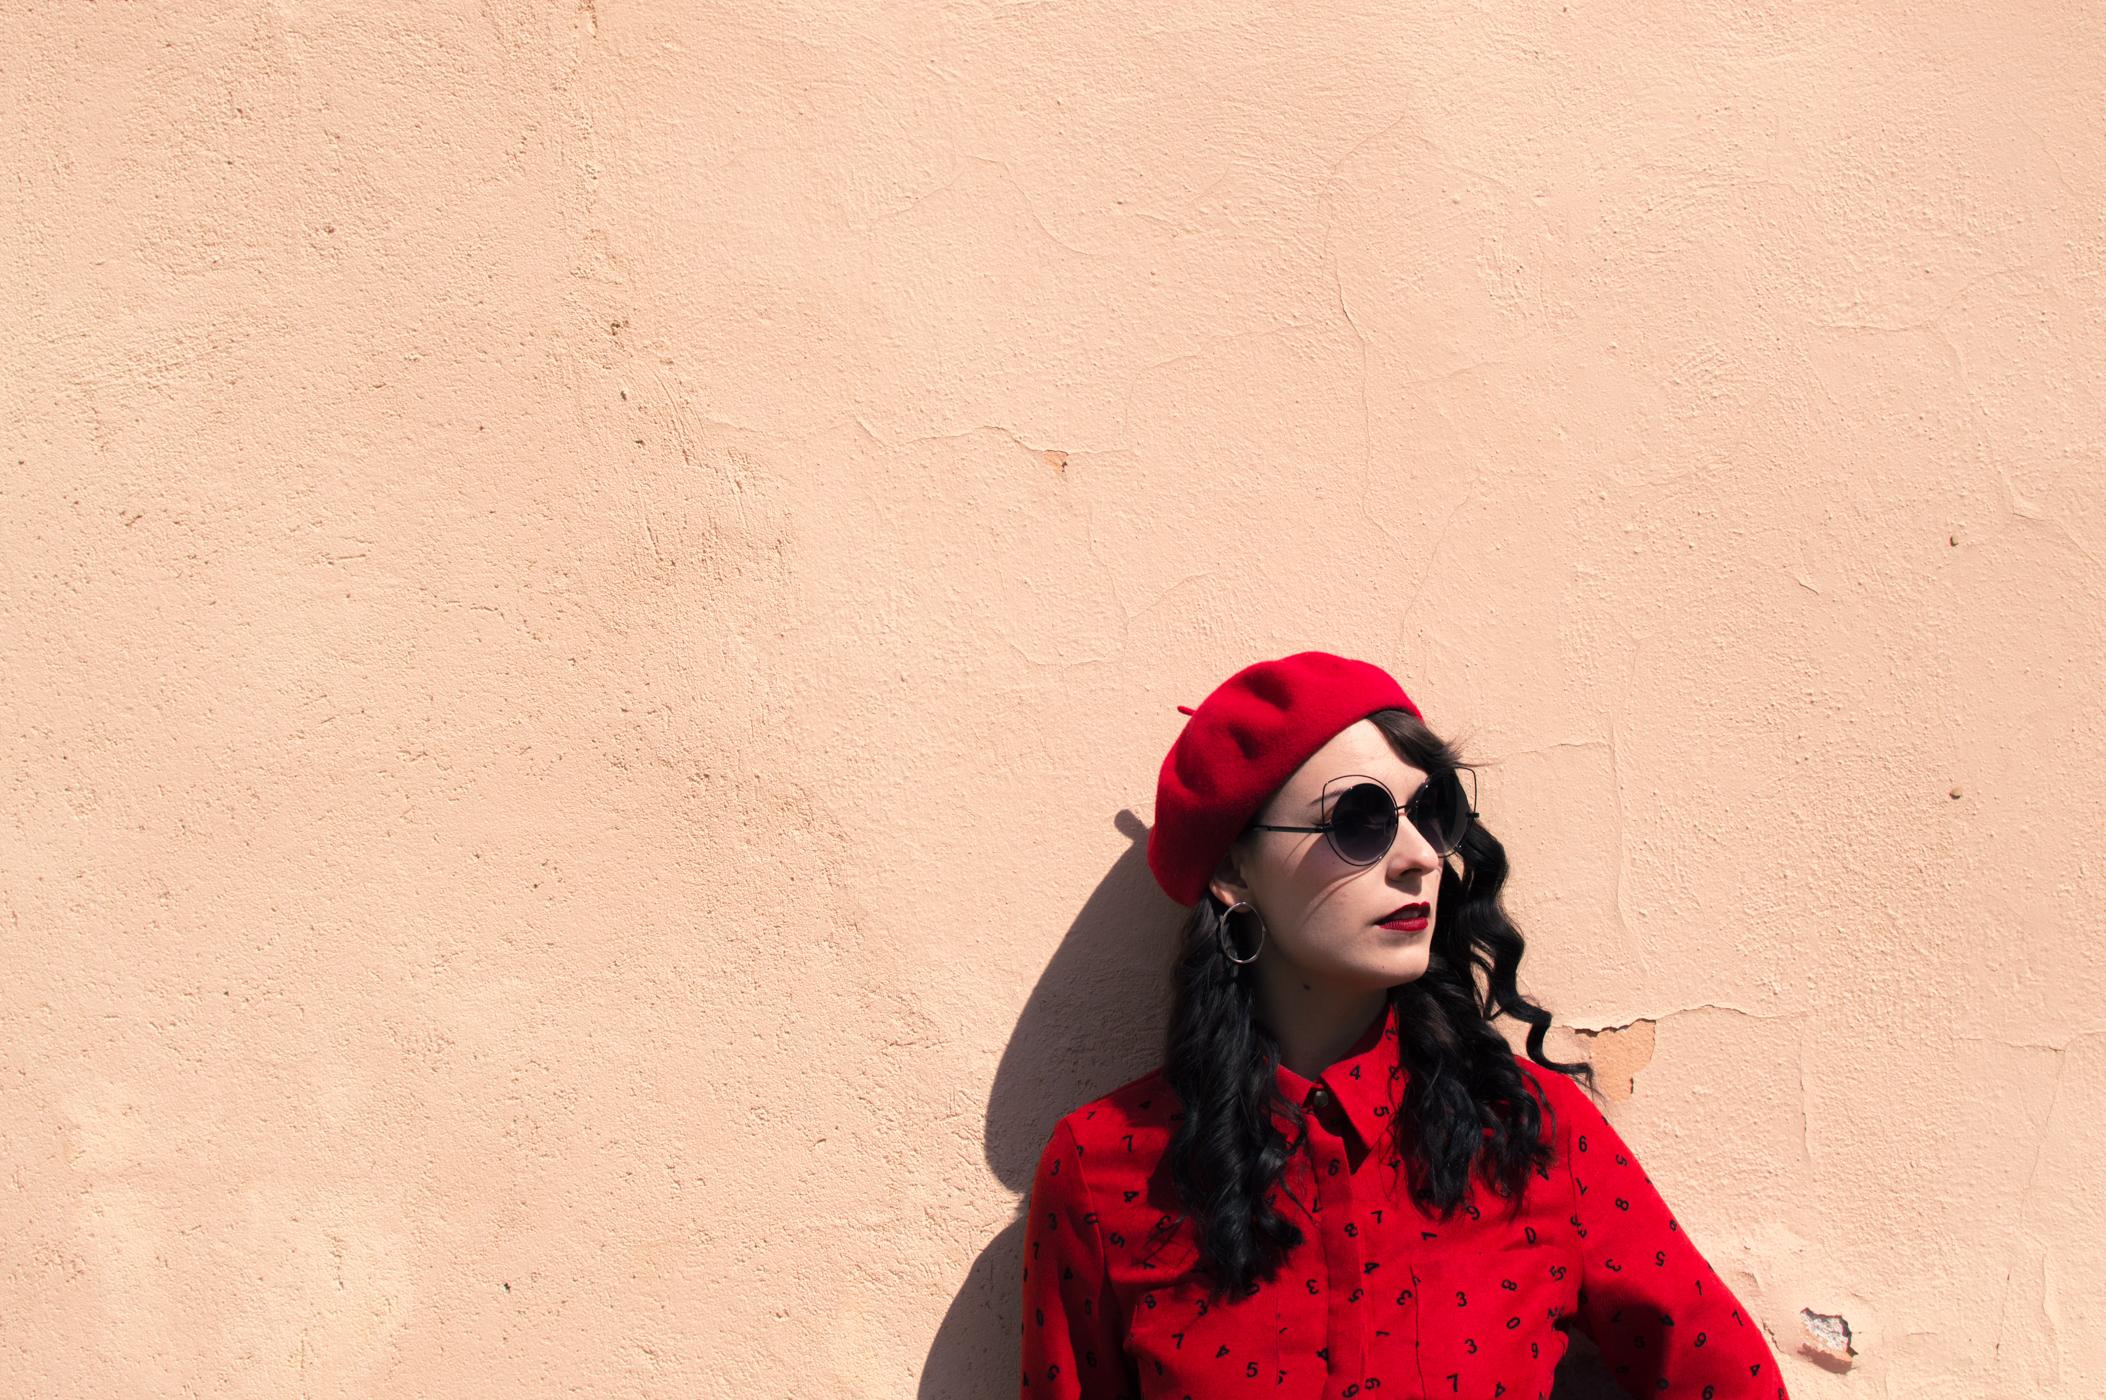 le rouge dans l'histoire de la mode